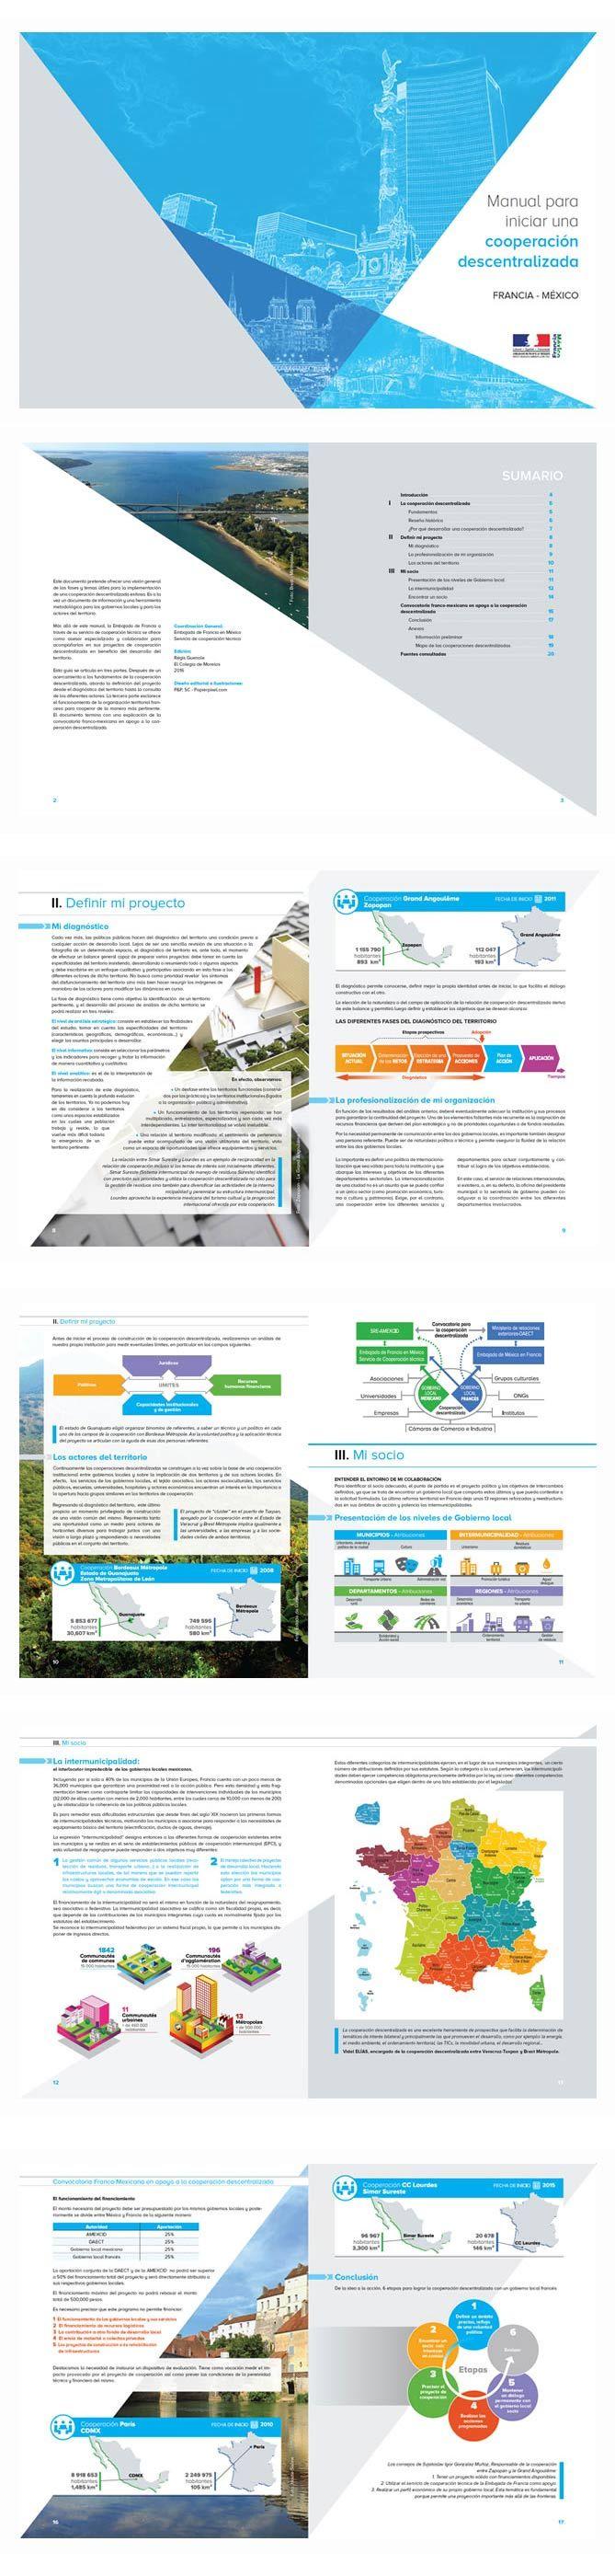 Cliente: Embajada de Francia en México. Servicio de cooperación técnica.  Diseño de portada y 20 páginas interiores para folleto informativo. Incluyó la realización de ilustraciones-esquemas y selección fotográfica.